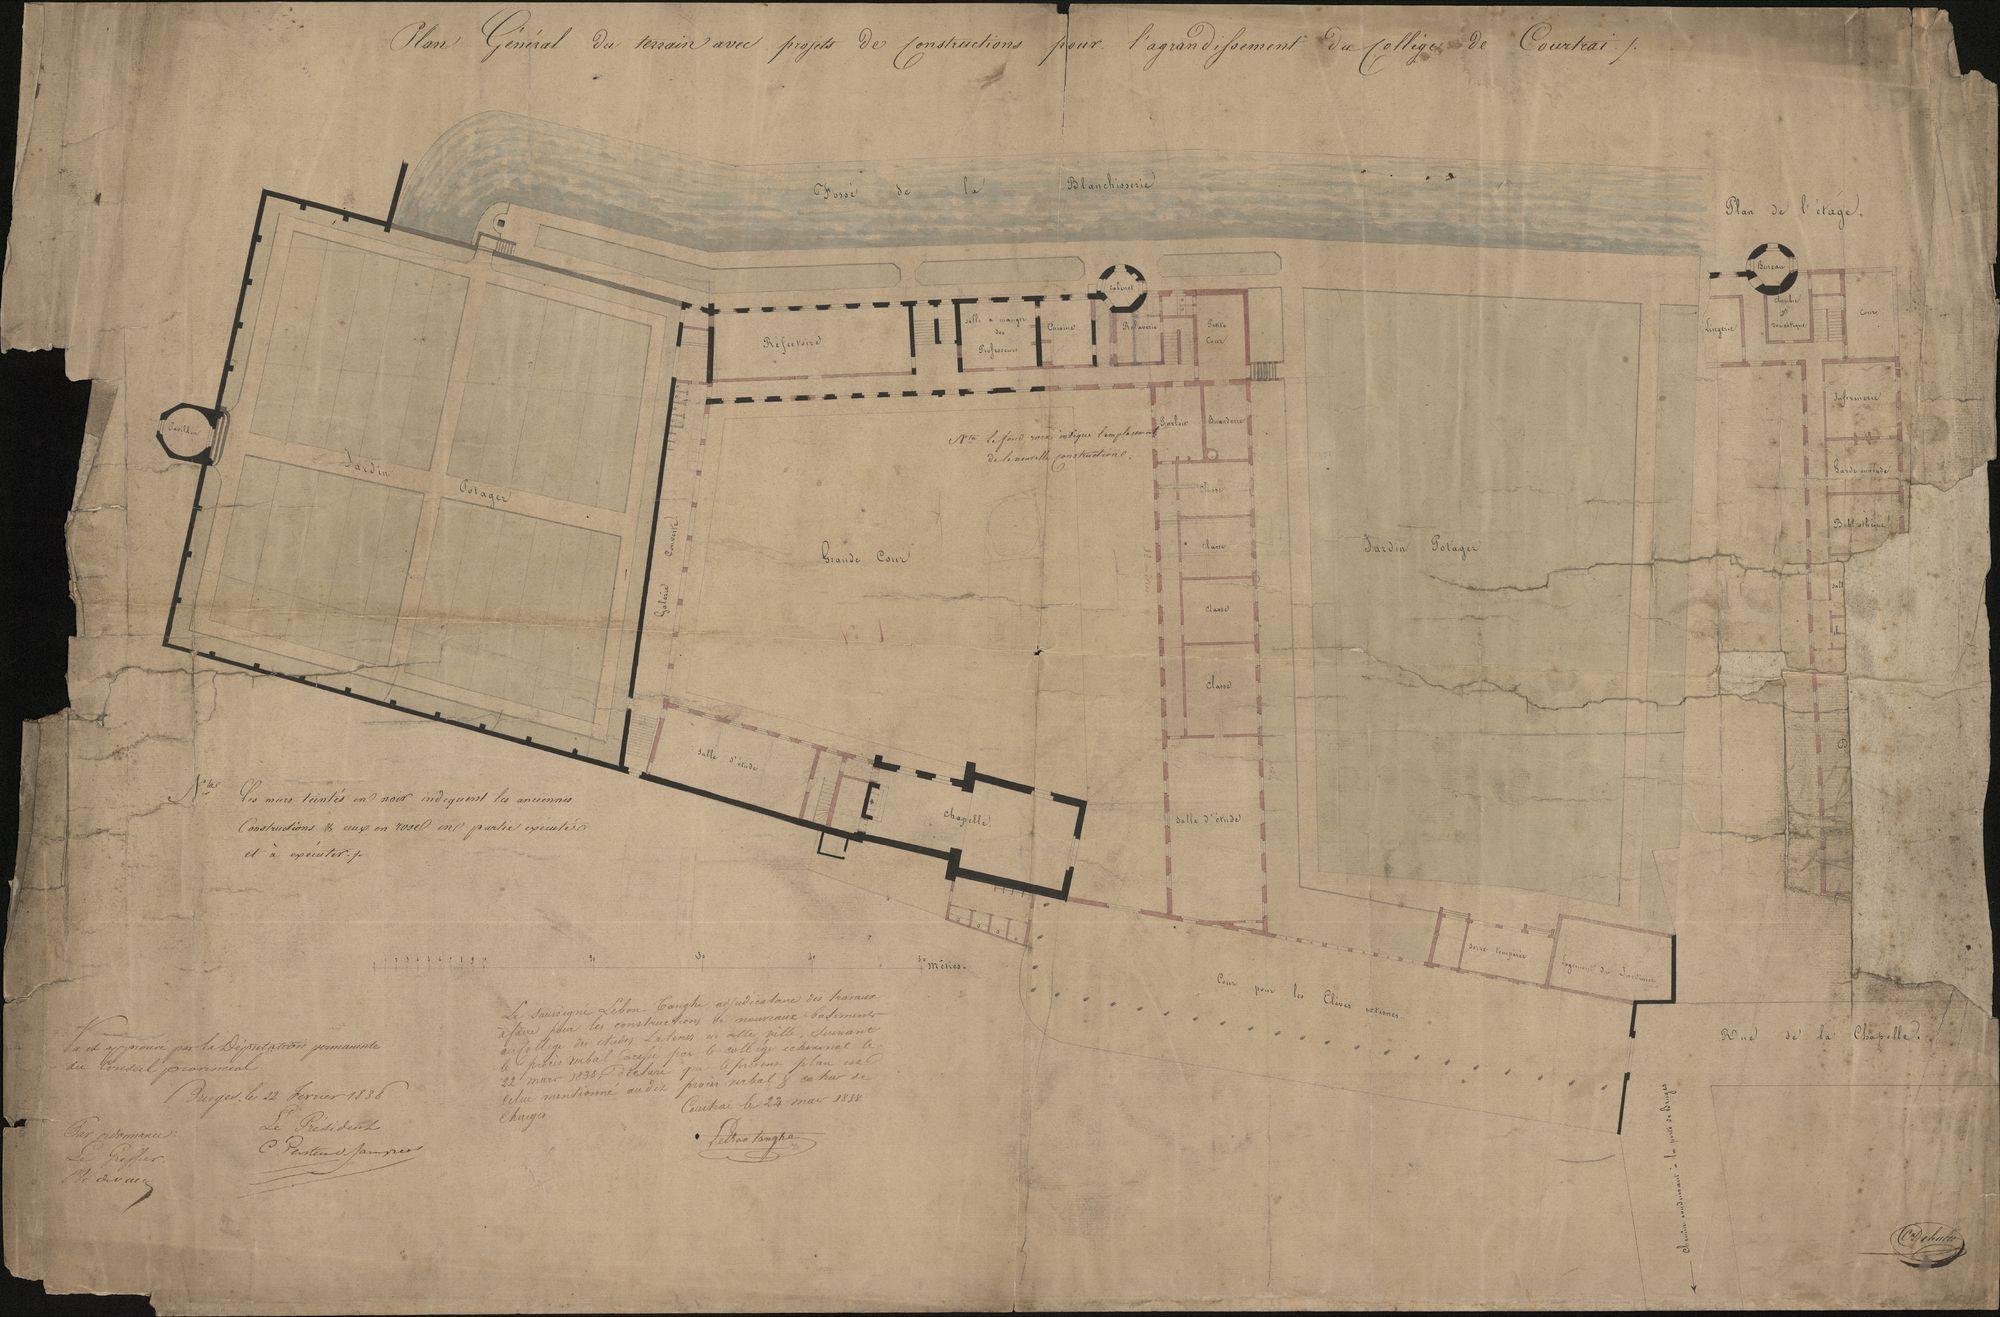 Plan met plattegrond van het Sint-Amandscollege te Kortrijk, ca. 1835.